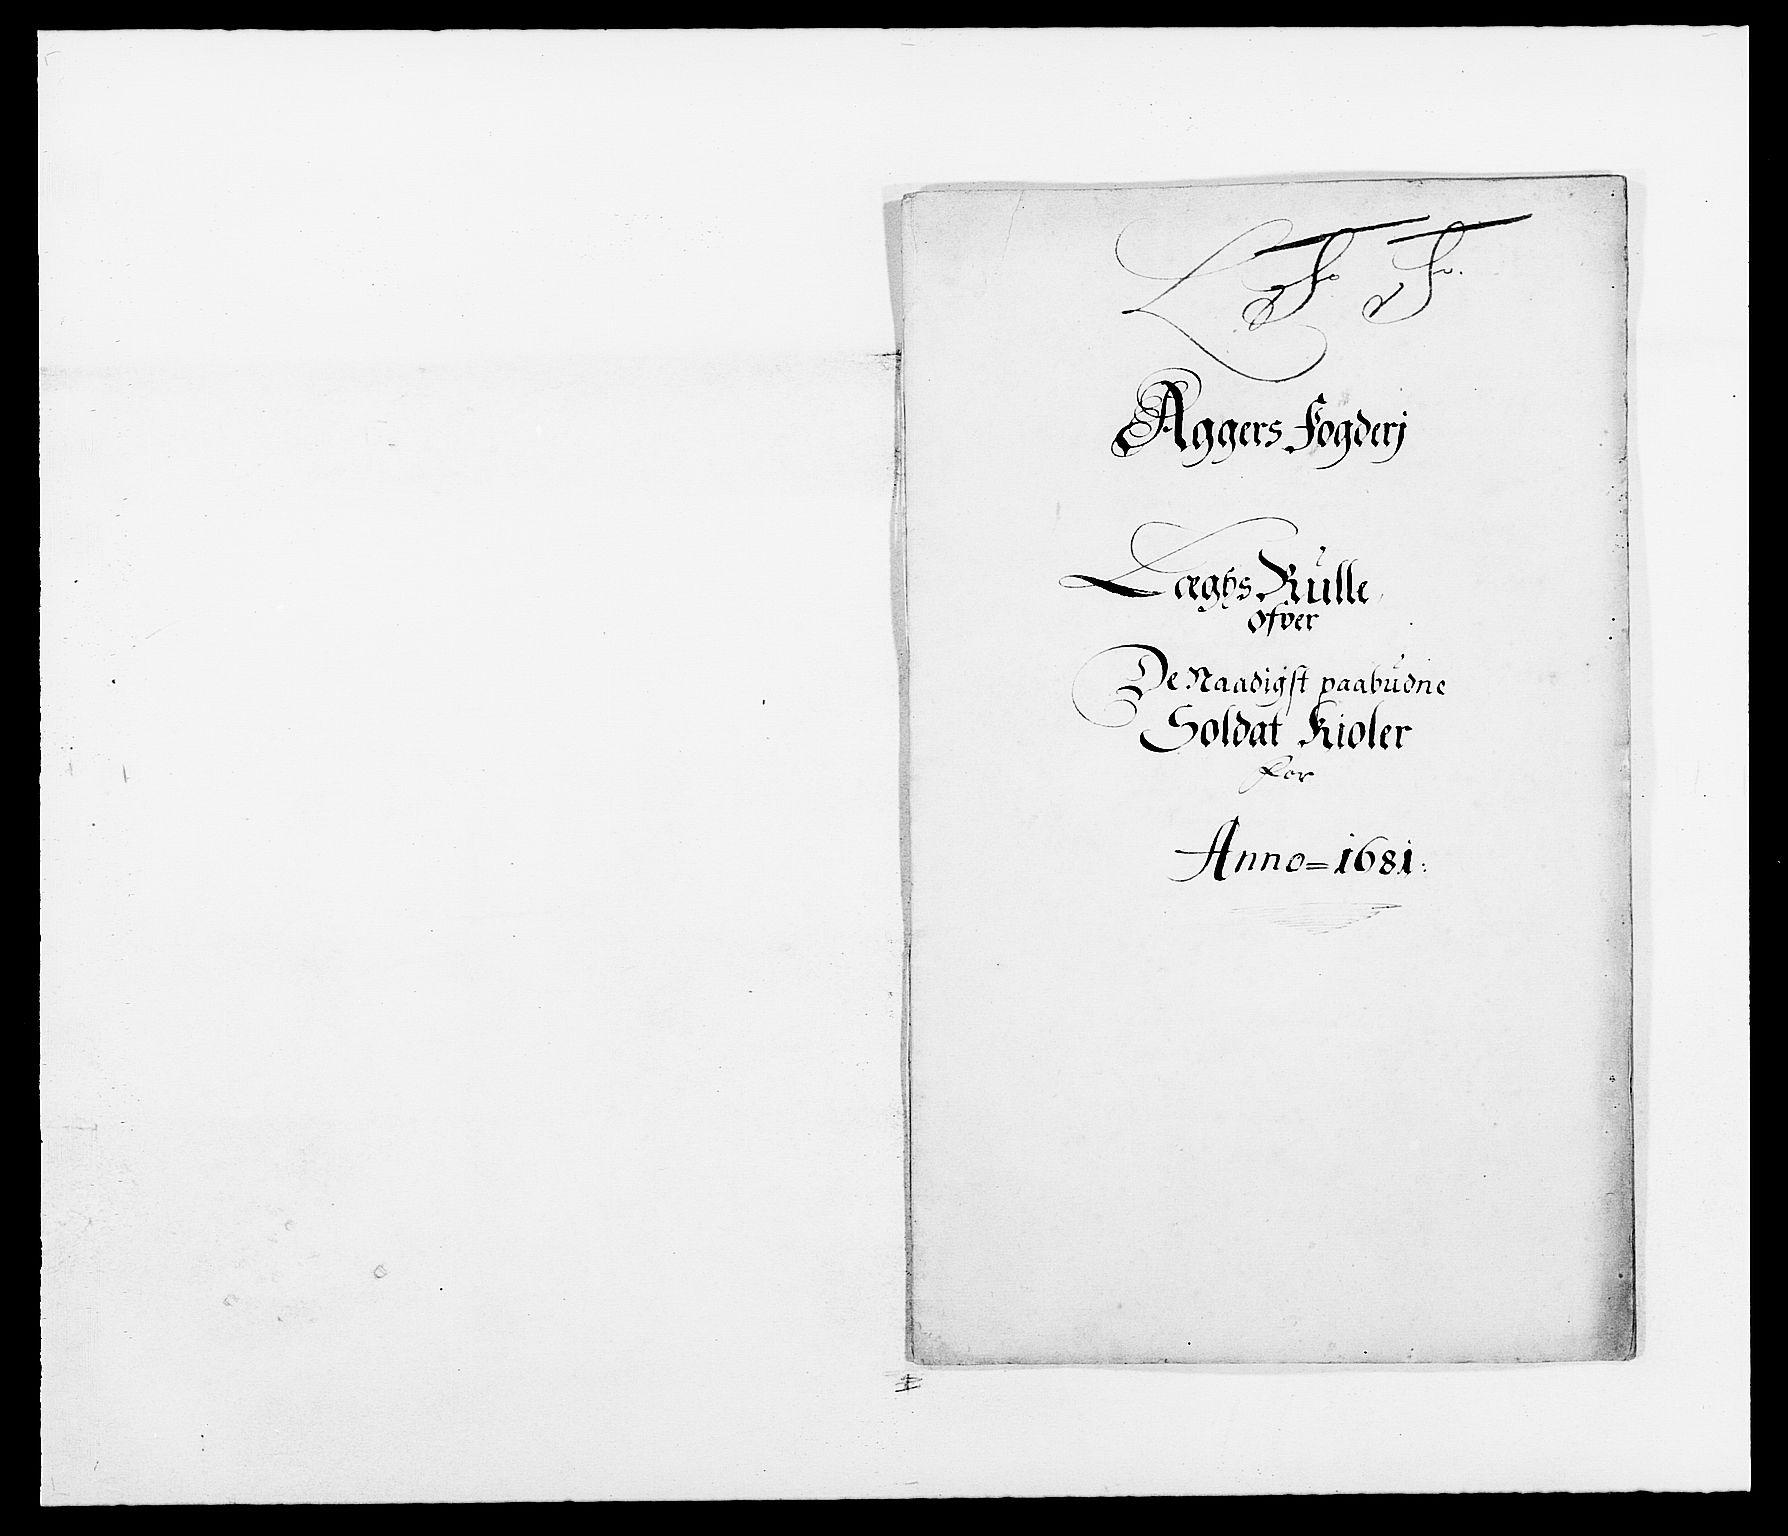 RA, Rentekammeret inntil 1814, Reviderte regnskaper, Fogderegnskap, R08/L0417: Fogderegnskap Aker, 1678-1681, s. 264